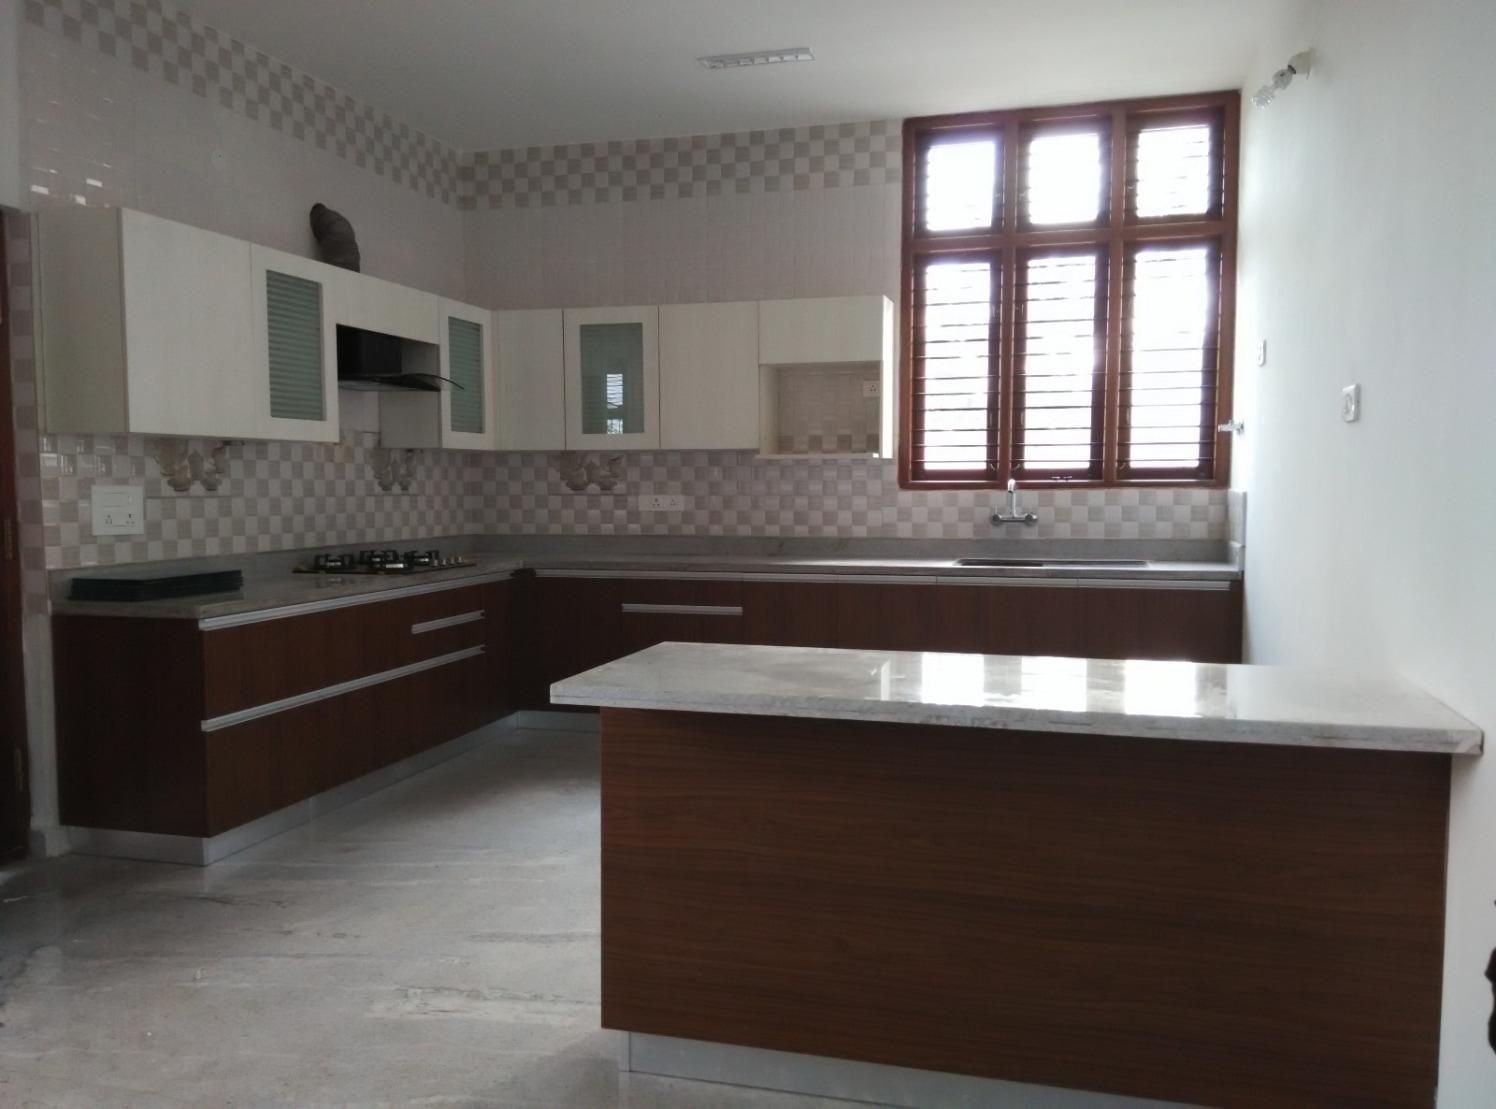 Modular kitchen design by Syed Illias Modular-kitchen Contemporary   Interior Design Photos & Ideas